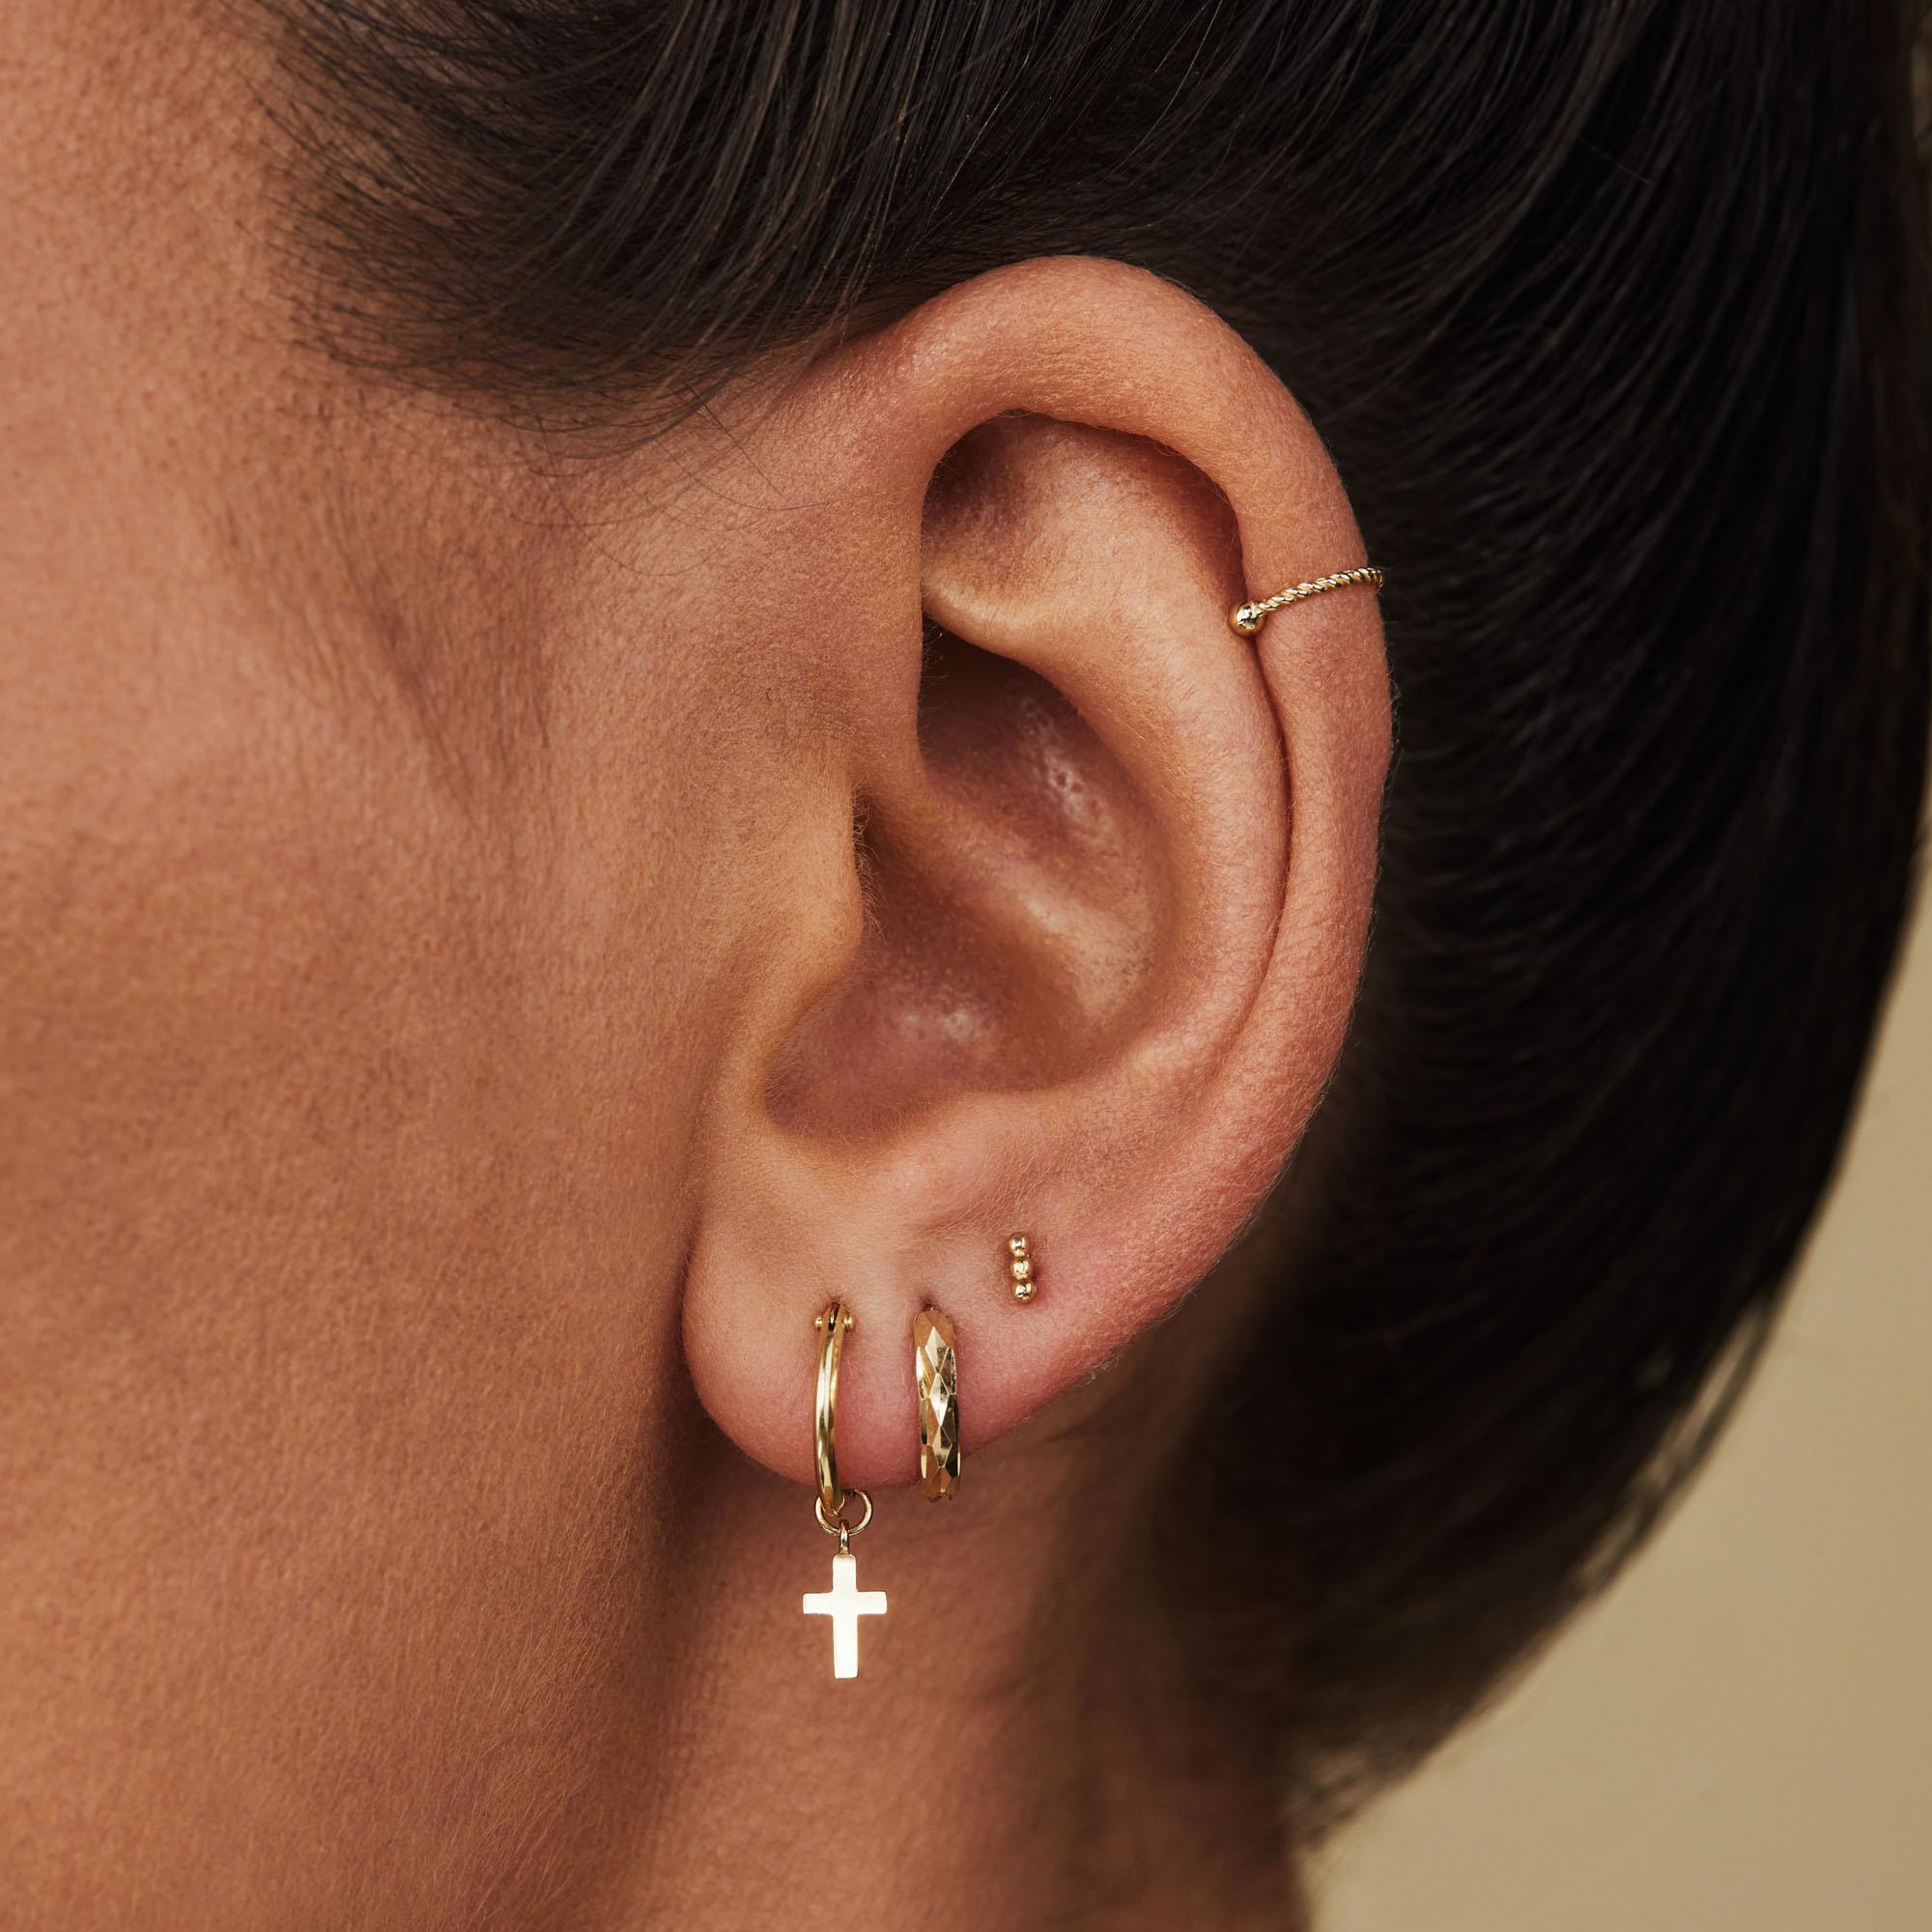 Isabel Bernard Rivoli Claire clous d'oreilles en or 14 carats